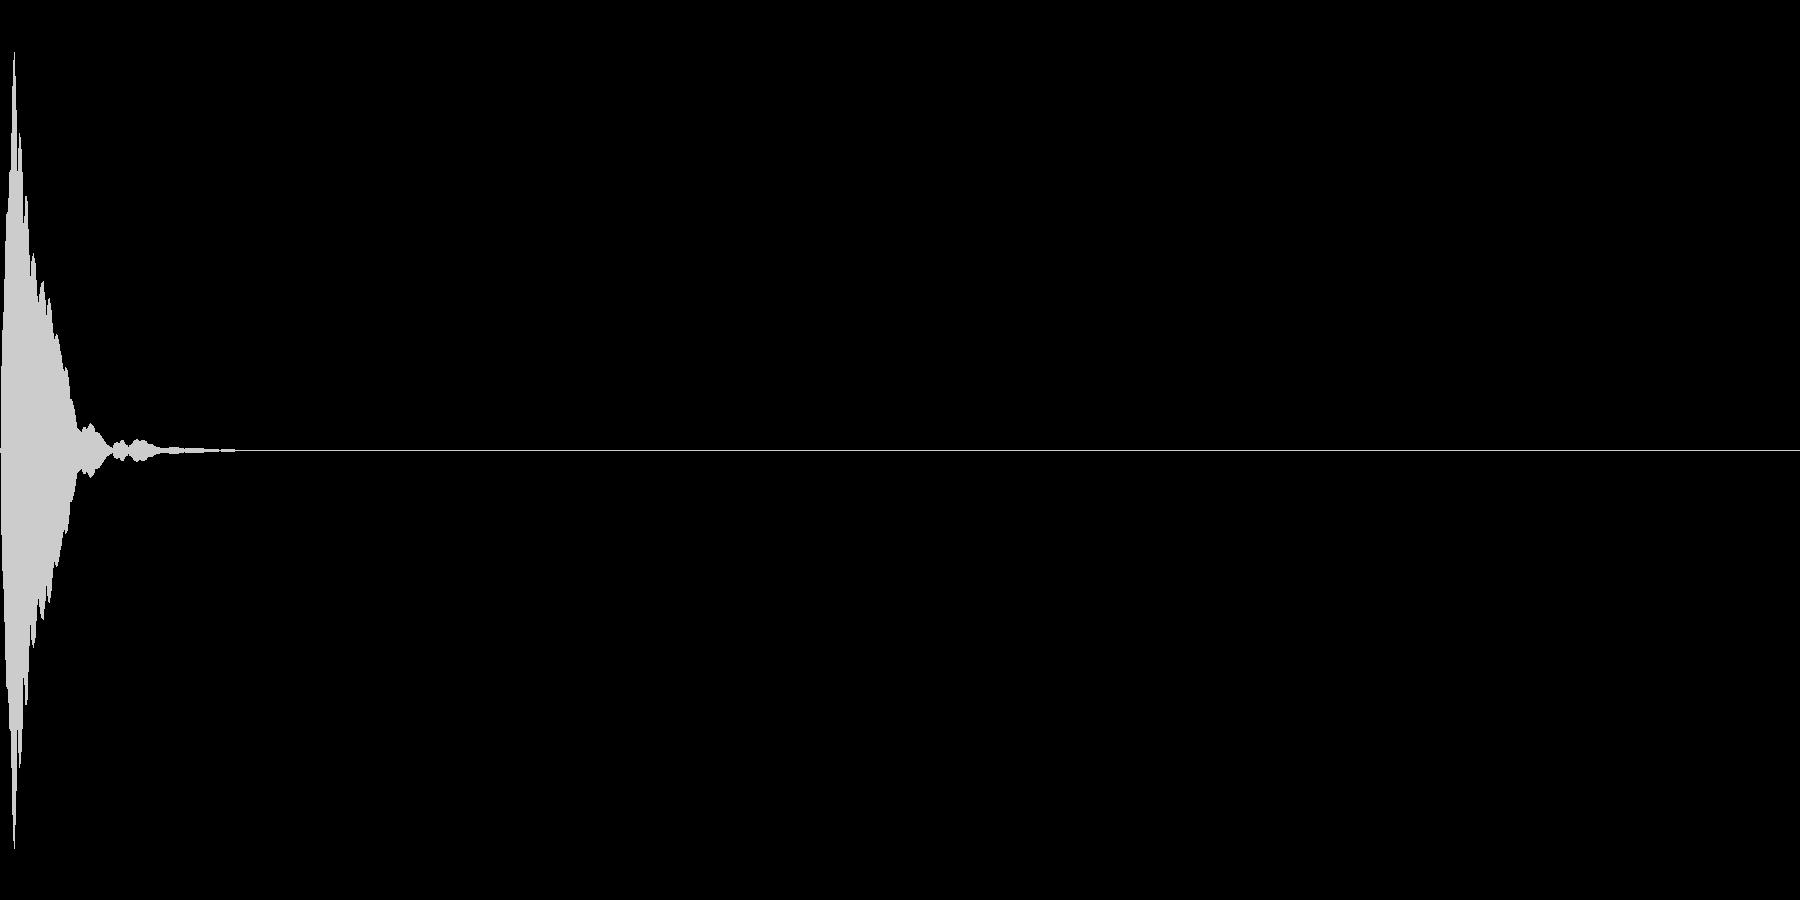 カーソル移動音(上)の未再生の波形